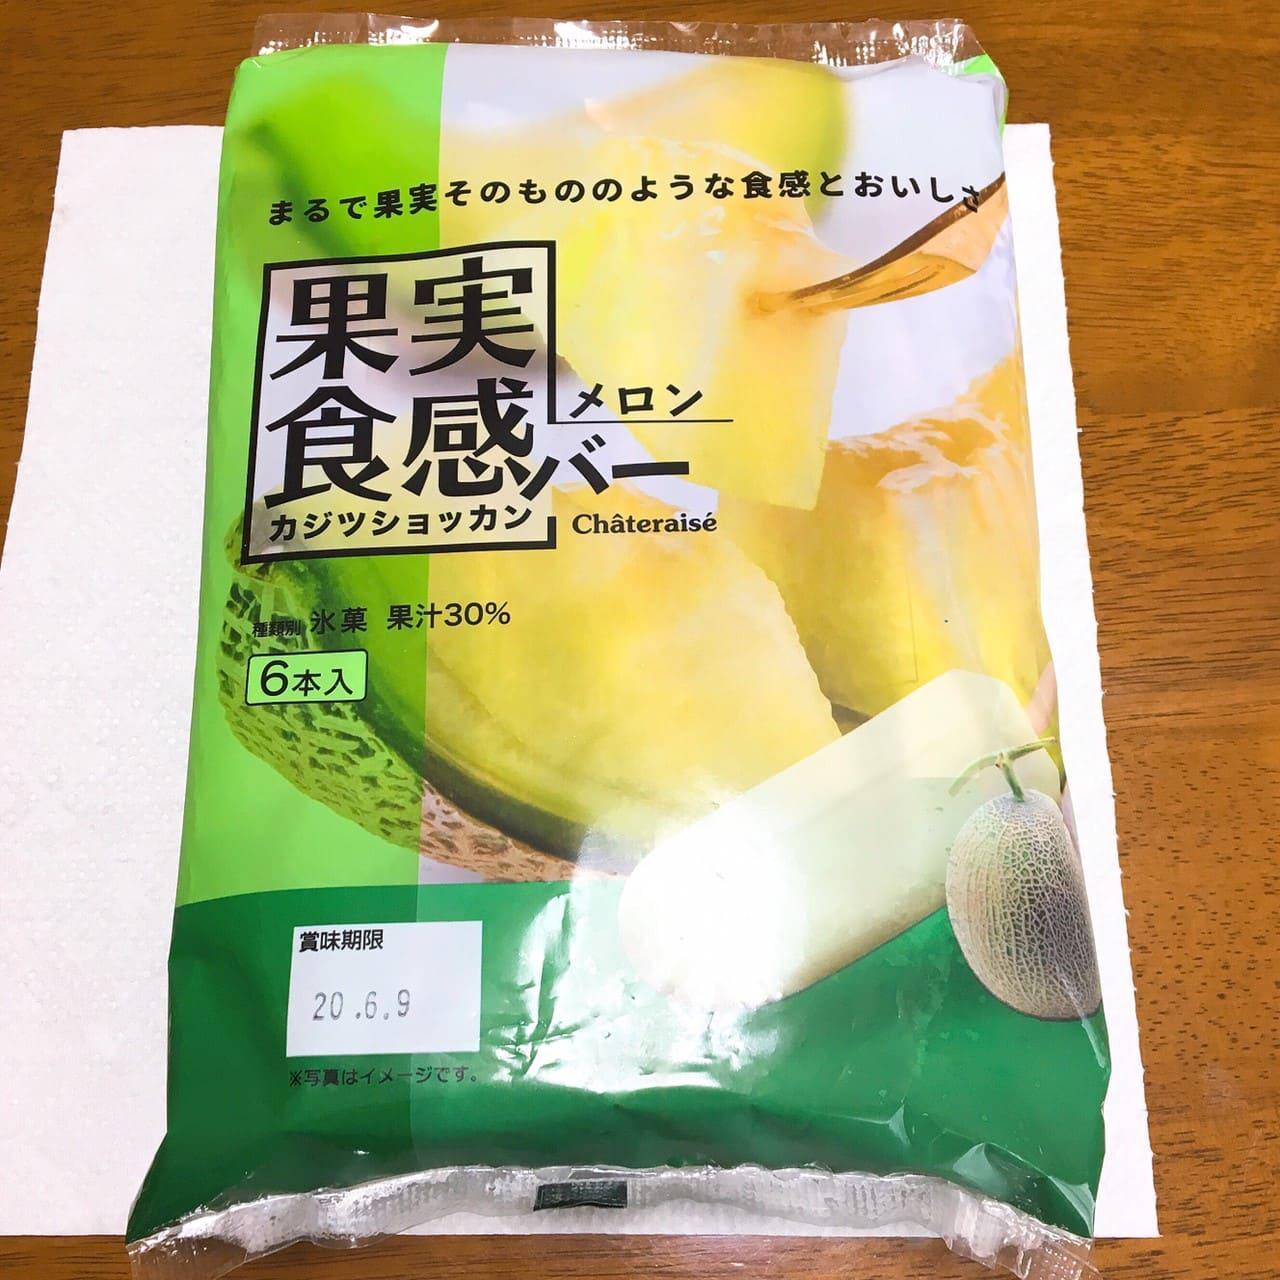 果実食感バー メロン(6本セット)